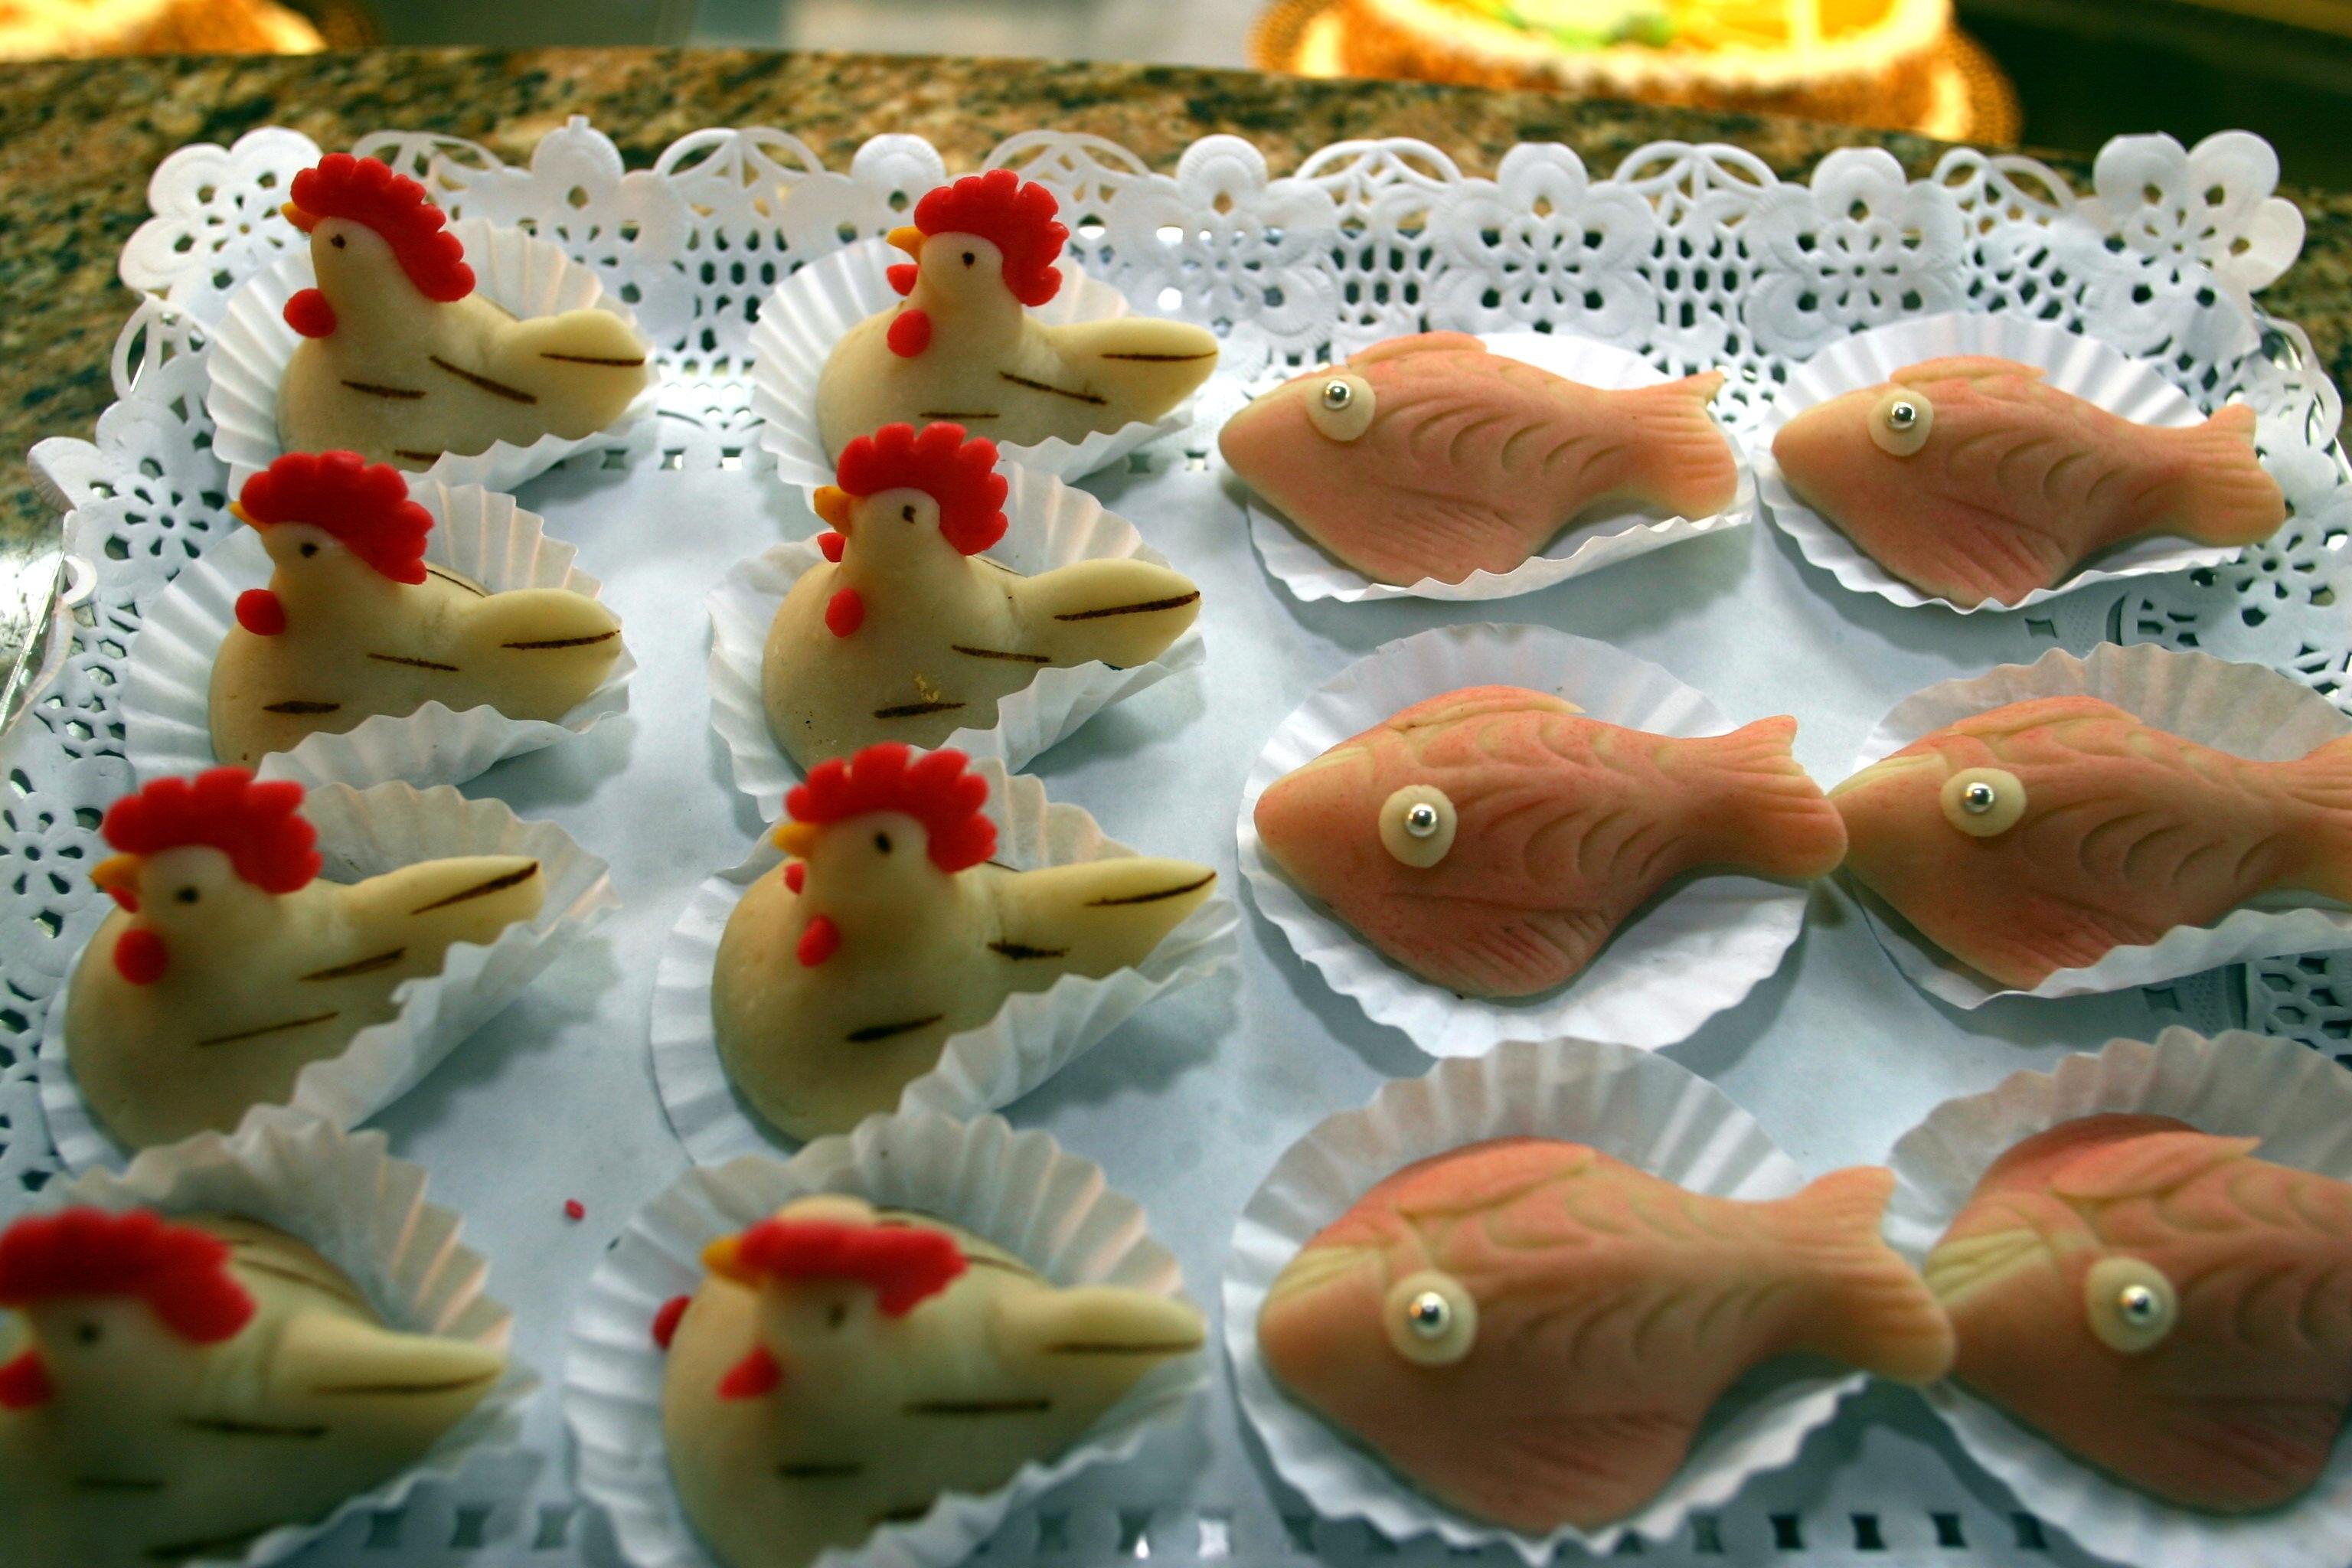 Bolinhos de Amêndoa, ovos moles, fios de ovos, dom rodrigos, Algarve, doces do Algarve, doces de algarve, pastelaria Gardybolinhos de amêndoa, doce fino, doces de Faro